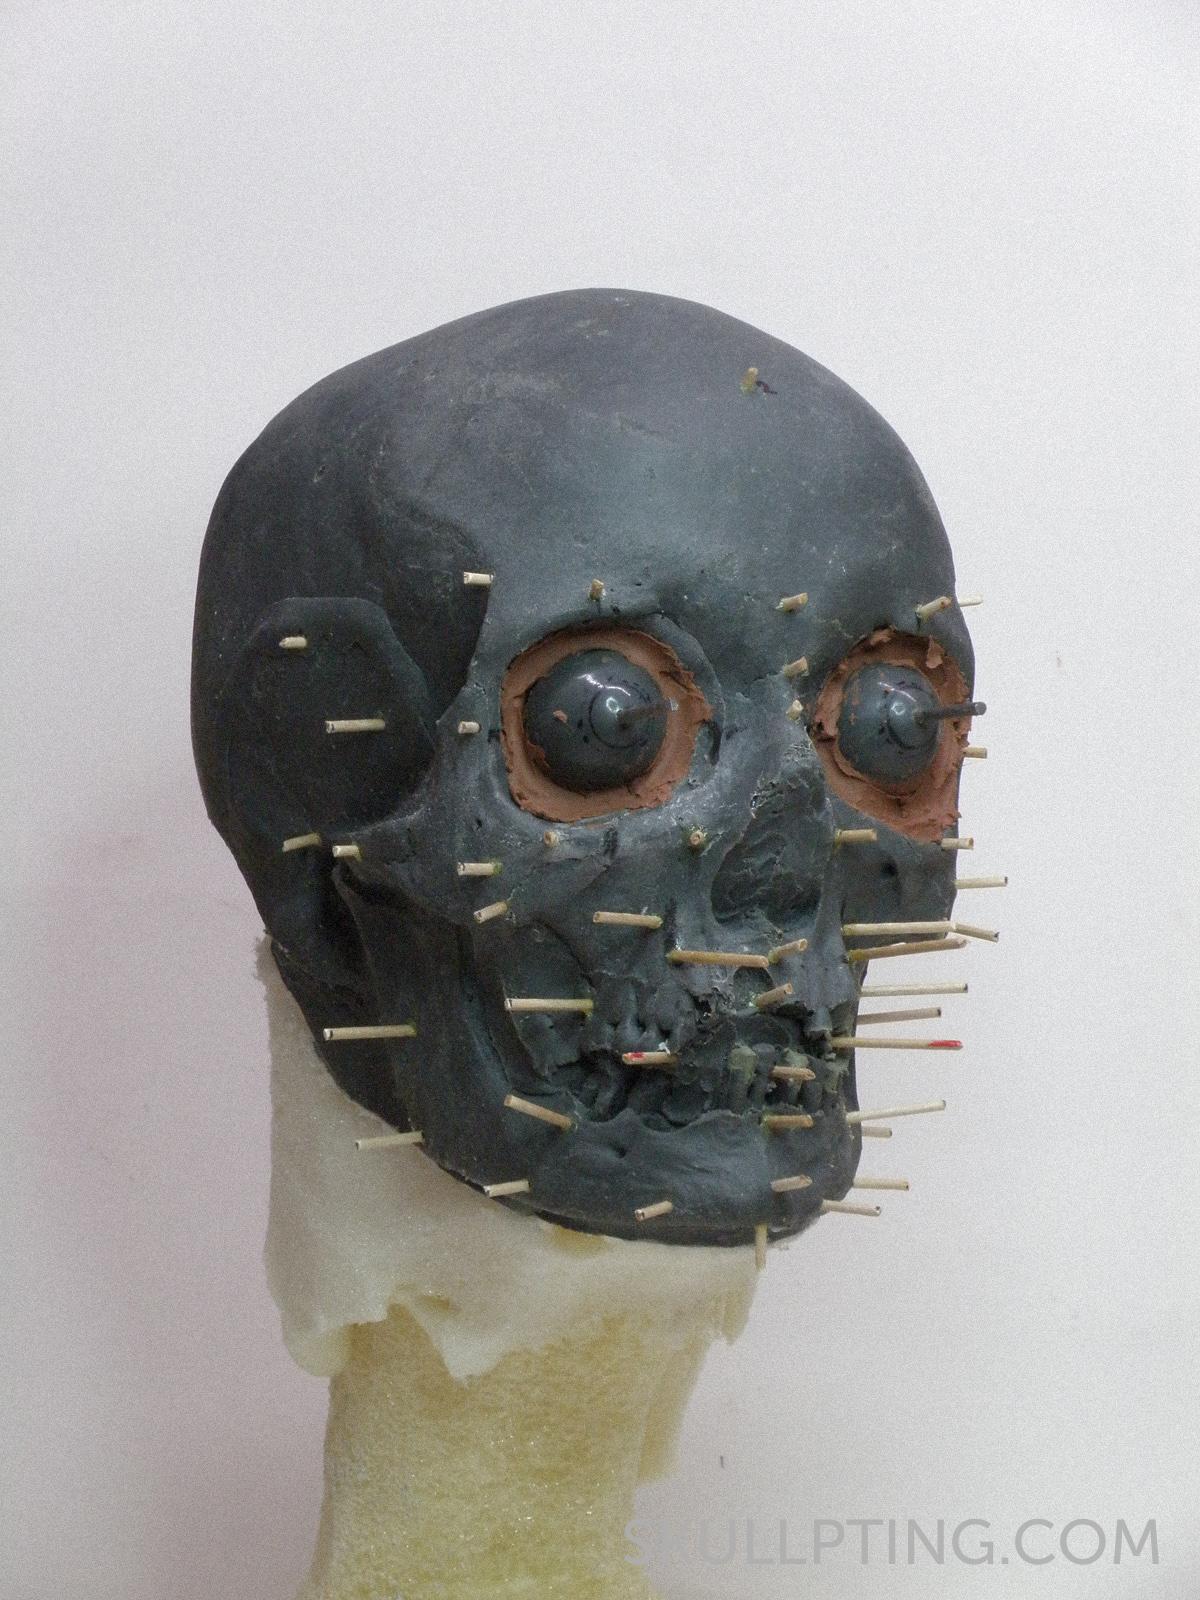 de kopie van de schedel met de pinnetjes die de weefseldiktes aangeven